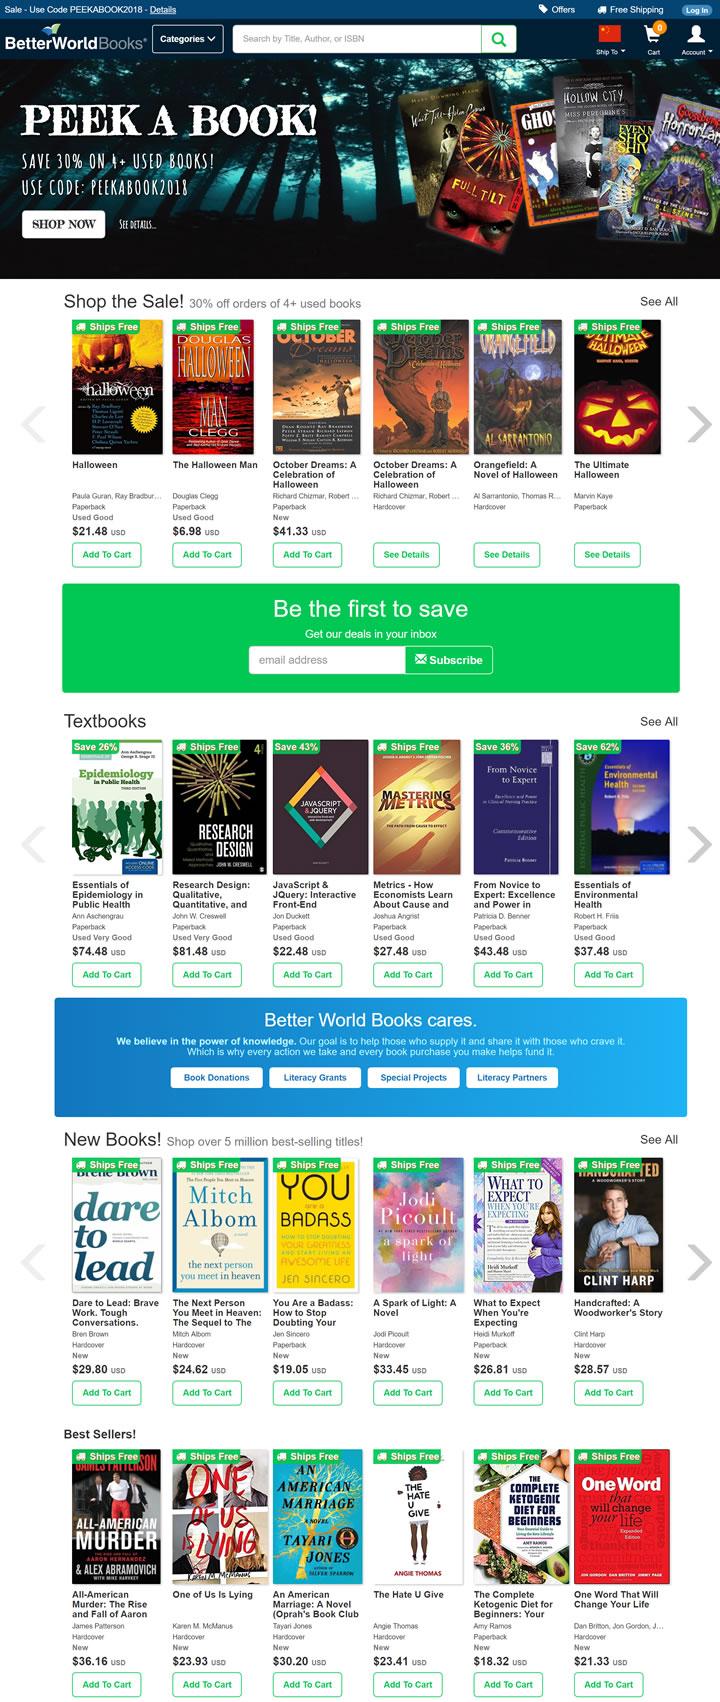 美国购买新书和二手书网站:Better World Books